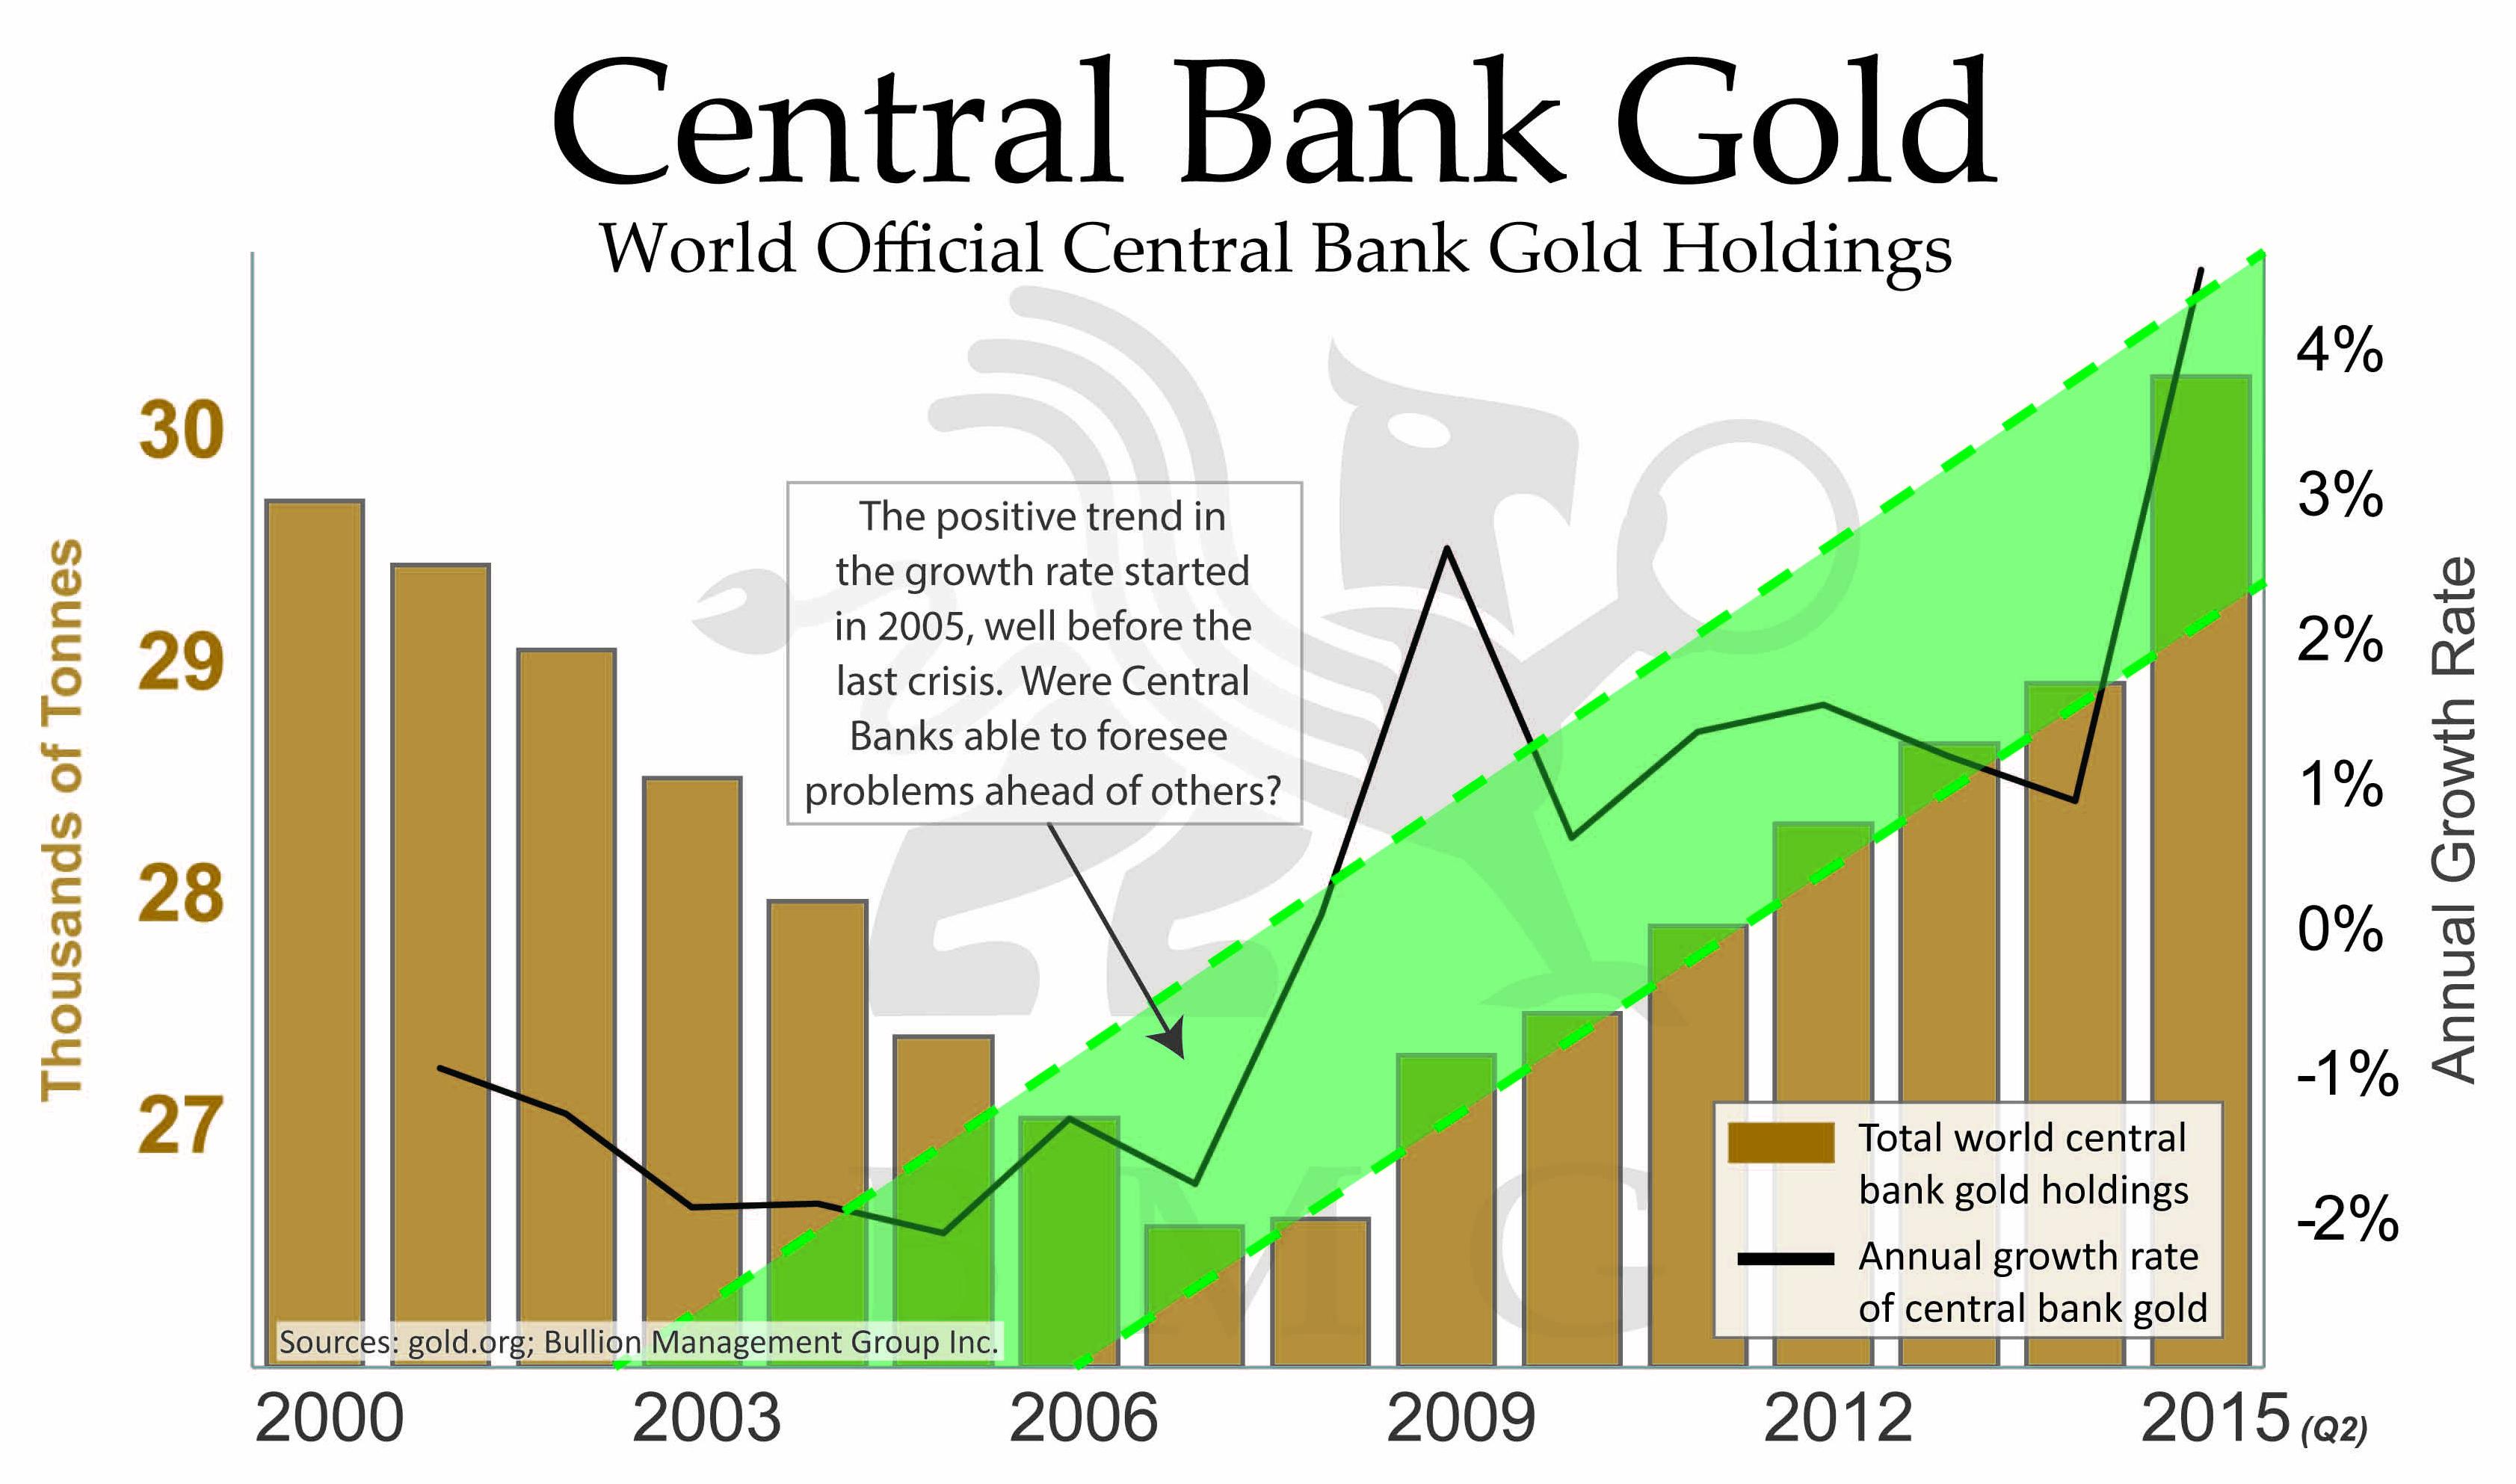 Cerntral bank gold